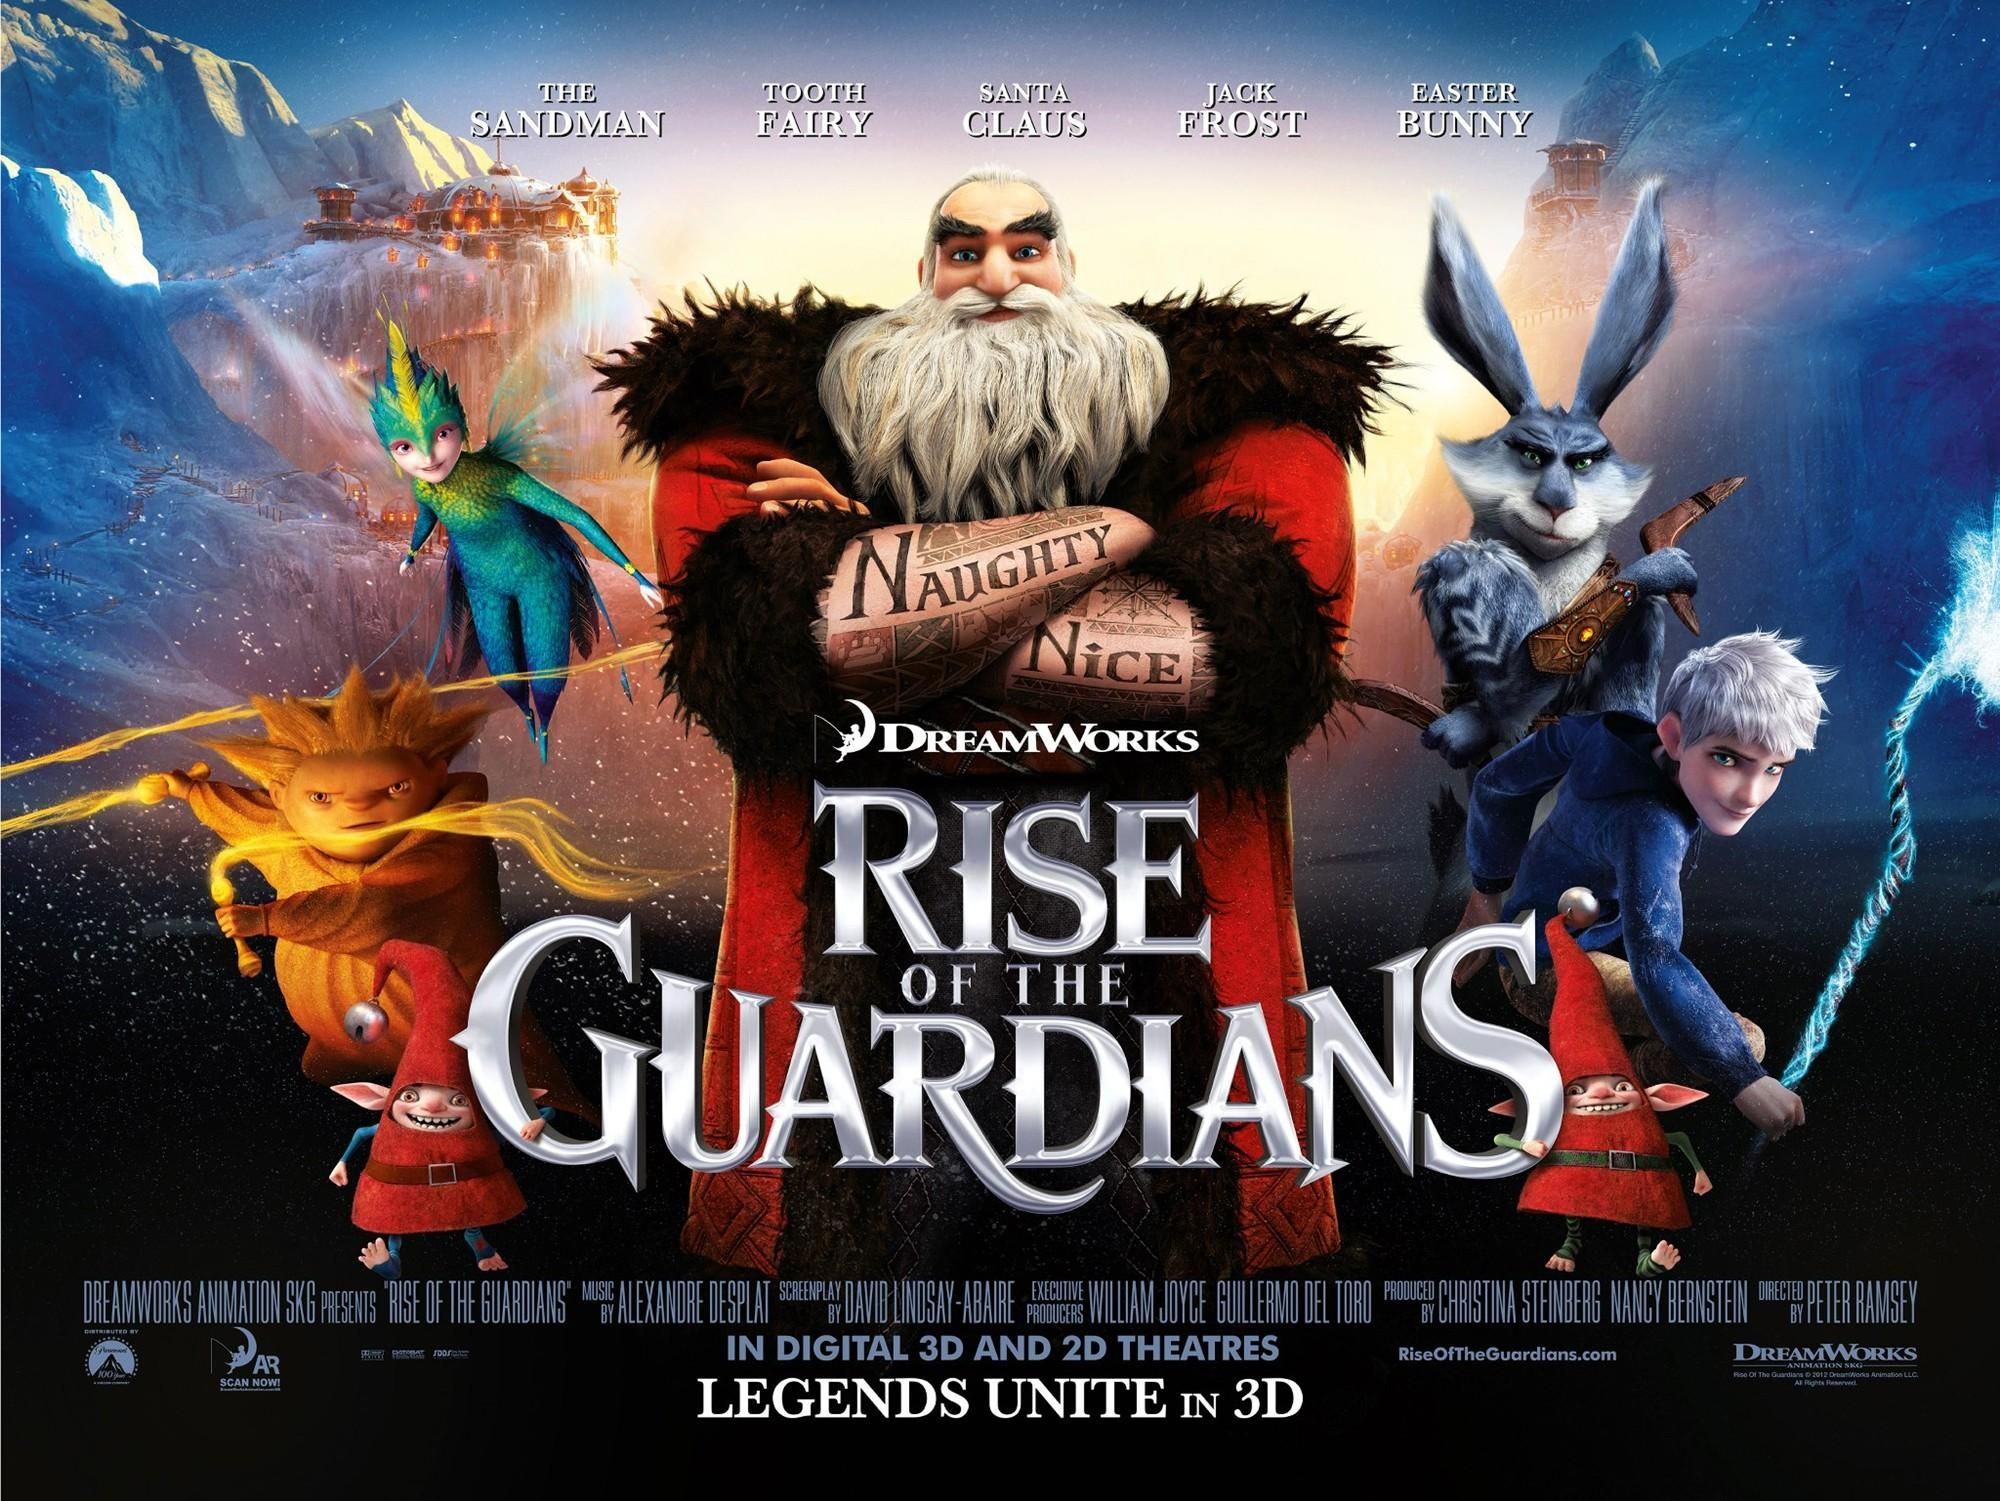 This Could Be My New Favorite Movie Pelicula El Origen Peliculas De Dreamworks El Origen De Los Guardianes